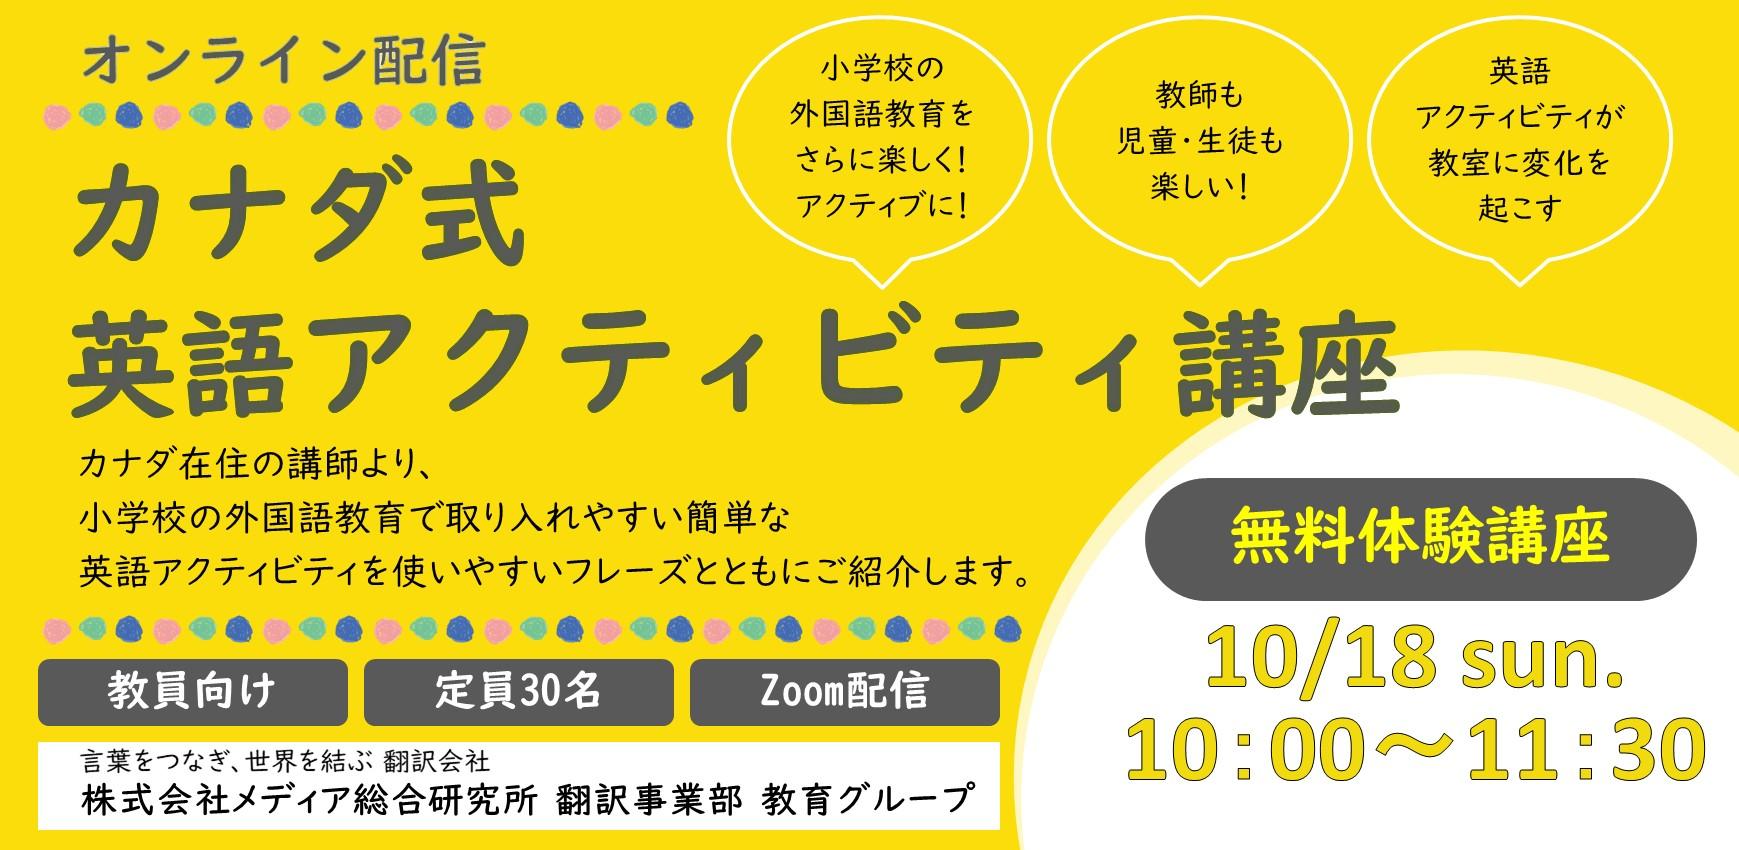 【無料体験講座】 <オンライン> カナダ式 英語アクティビティ講座 10/18(日)を開催します!